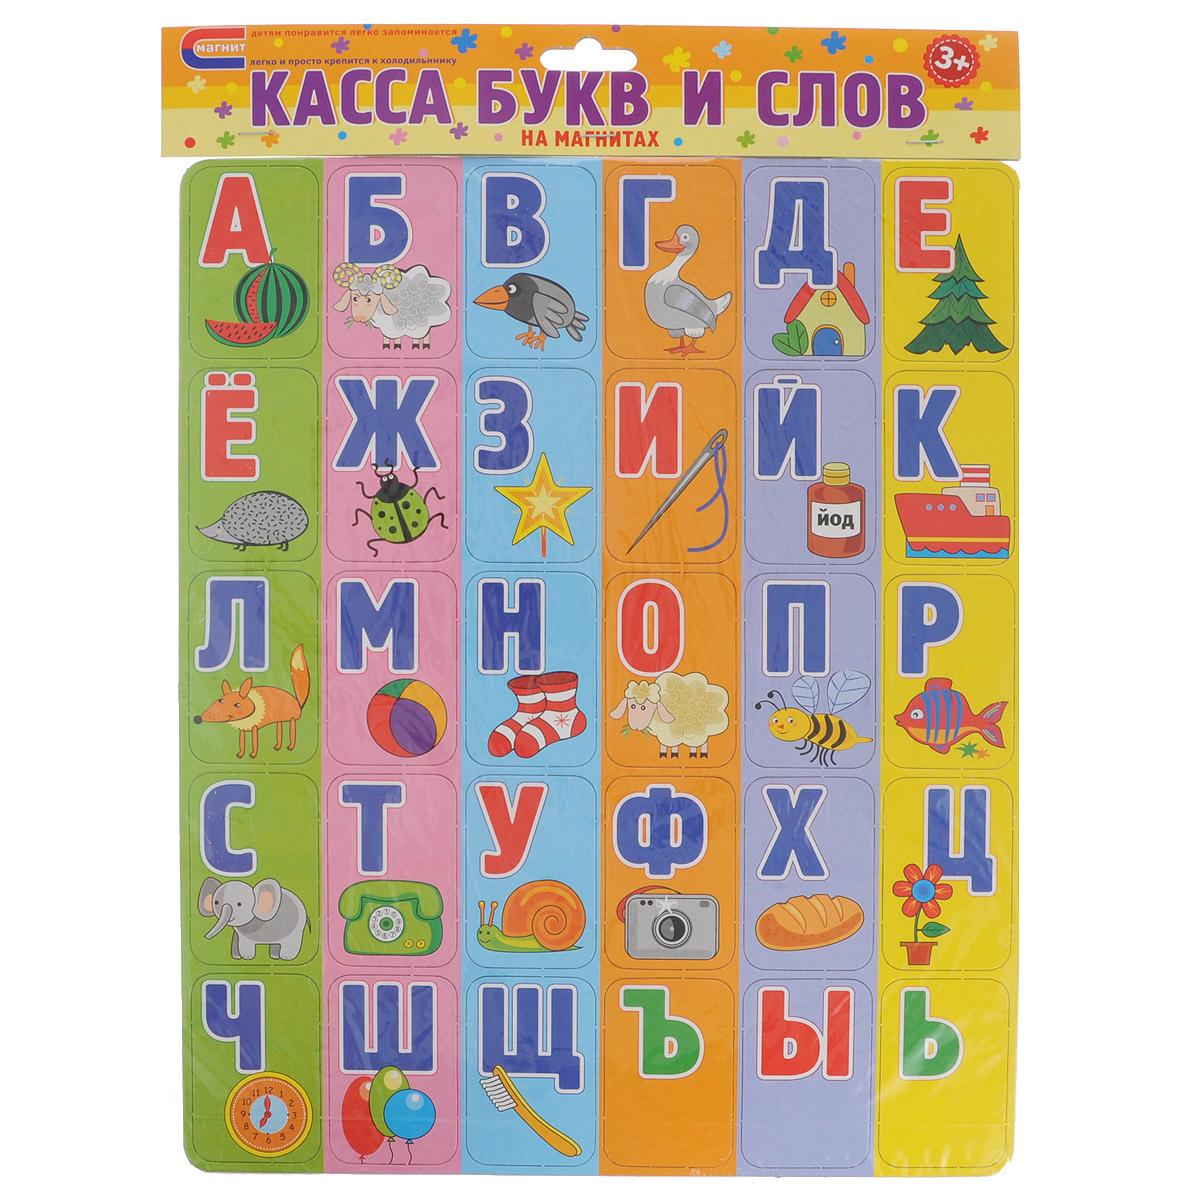 Касса букв и слов на магнитах АвираЛТ45Касса букв и слов - это 60 картонных карточек, которые просто крепятся к любой металлической поверхности при помощи небольших магнитов, идущих в комплекте. Яркие и забавные картинки с изображением животных, птиц, насекомых и известных предметов превратят обучение азбуки в увлекательную игру. Касса букв и слов поможет быстро и весело разучить алфавит, научит читать и составлять простые слова, не оставит равнодушным ни ребенка, ни взрослого!